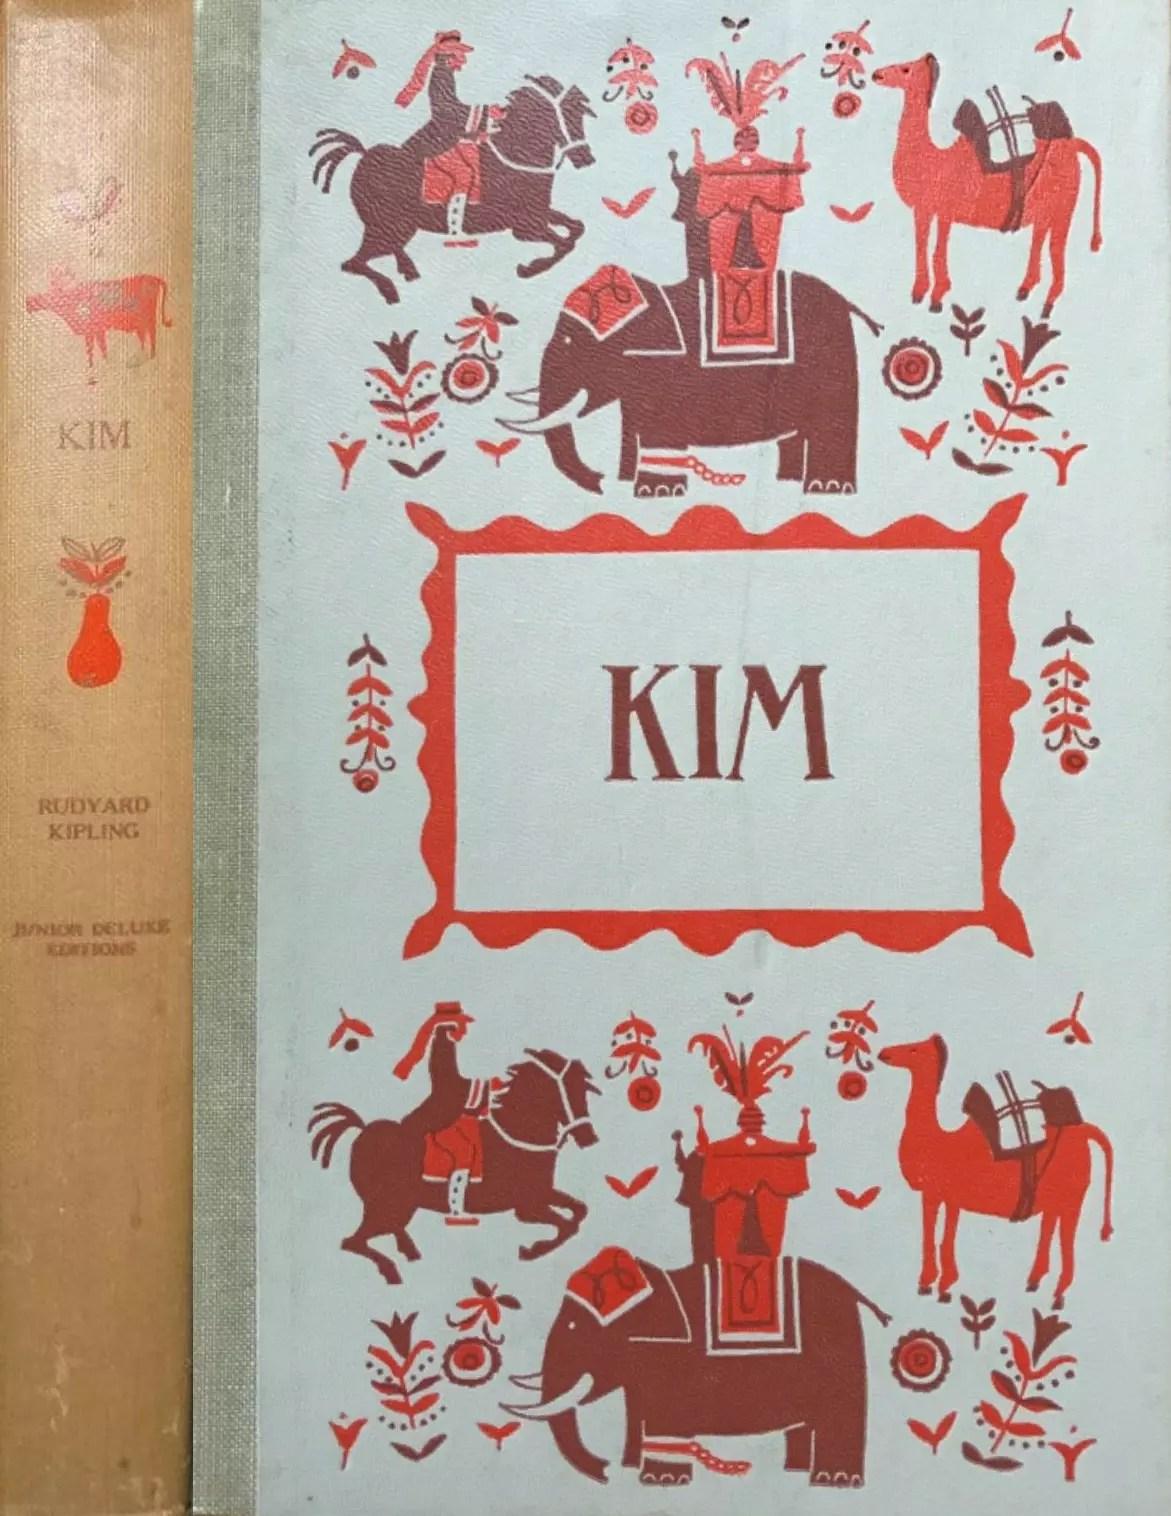 JDE Kim FULL grey red cover